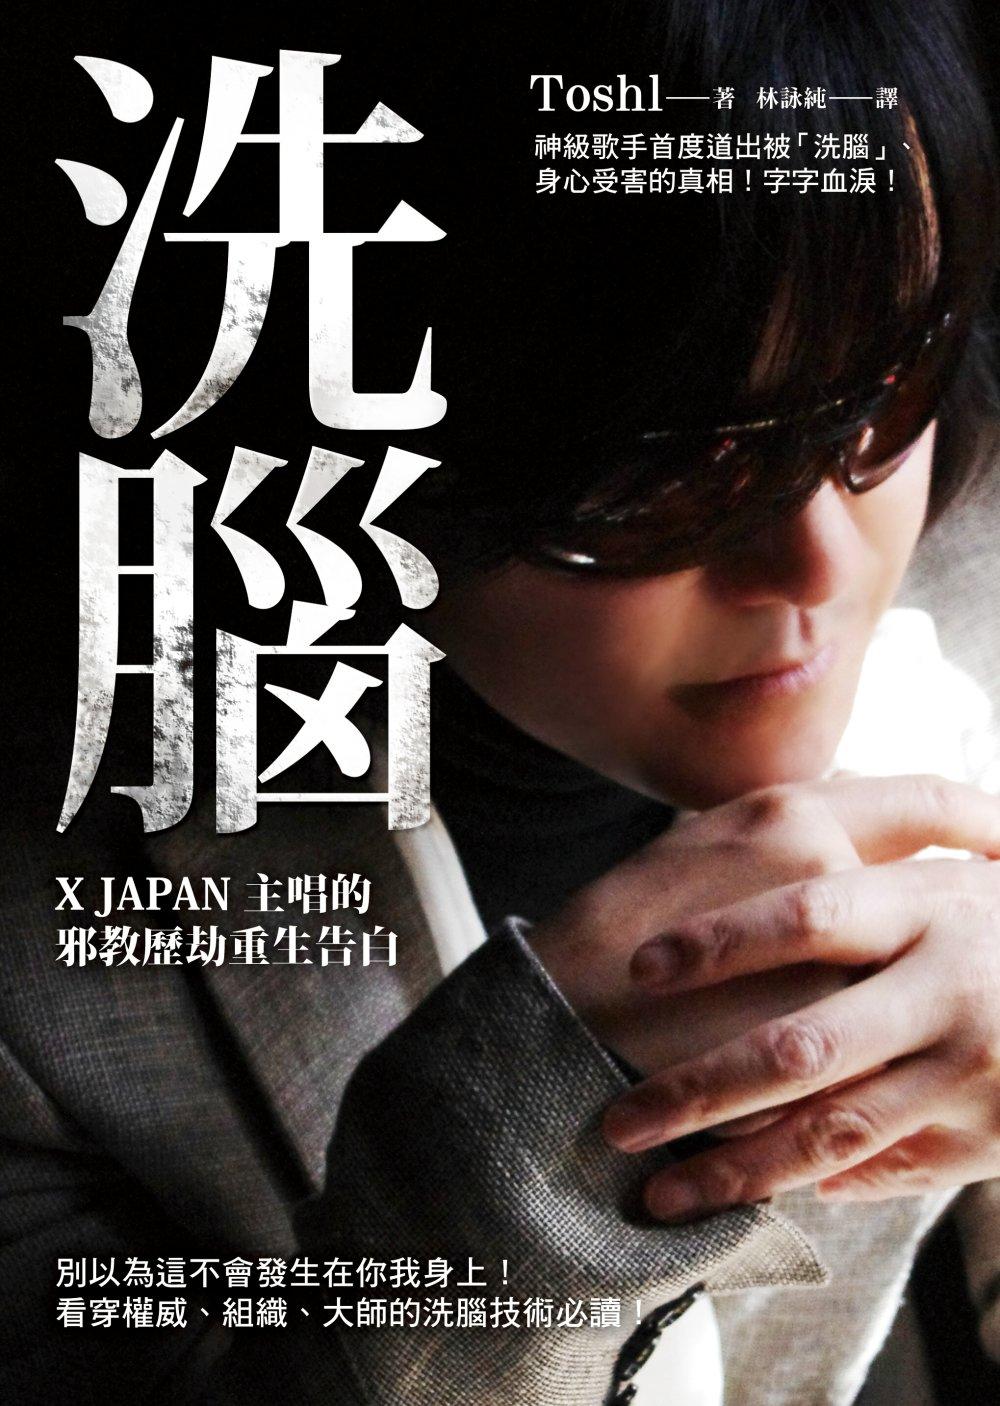 洗腦:X JAPAN主唱的邪教歷劫重生告白